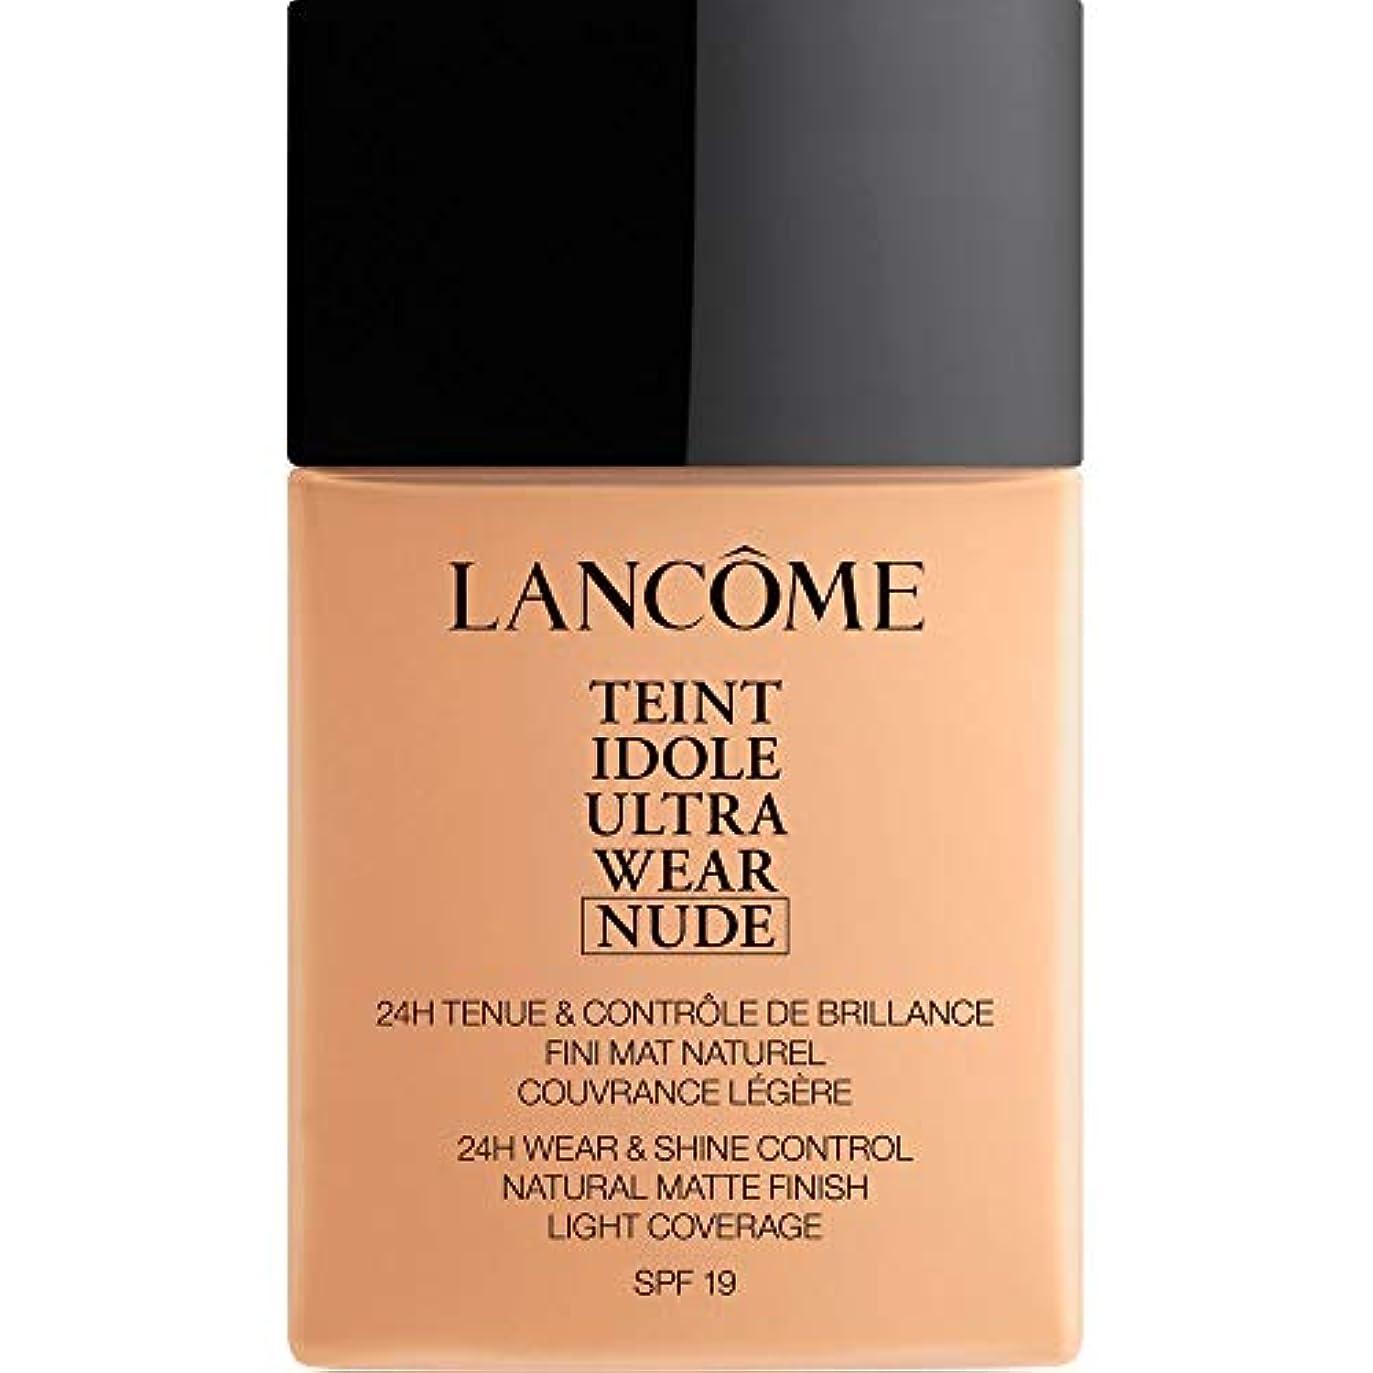 検証回想超高層ビル[Lanc?me ] ランコムTeintのIdole超摩耗ヌード財団Spf19の40ミリリットル032 - ベージュCendre - Lancome Teint Idole Ultra Wear Nude Foundation...